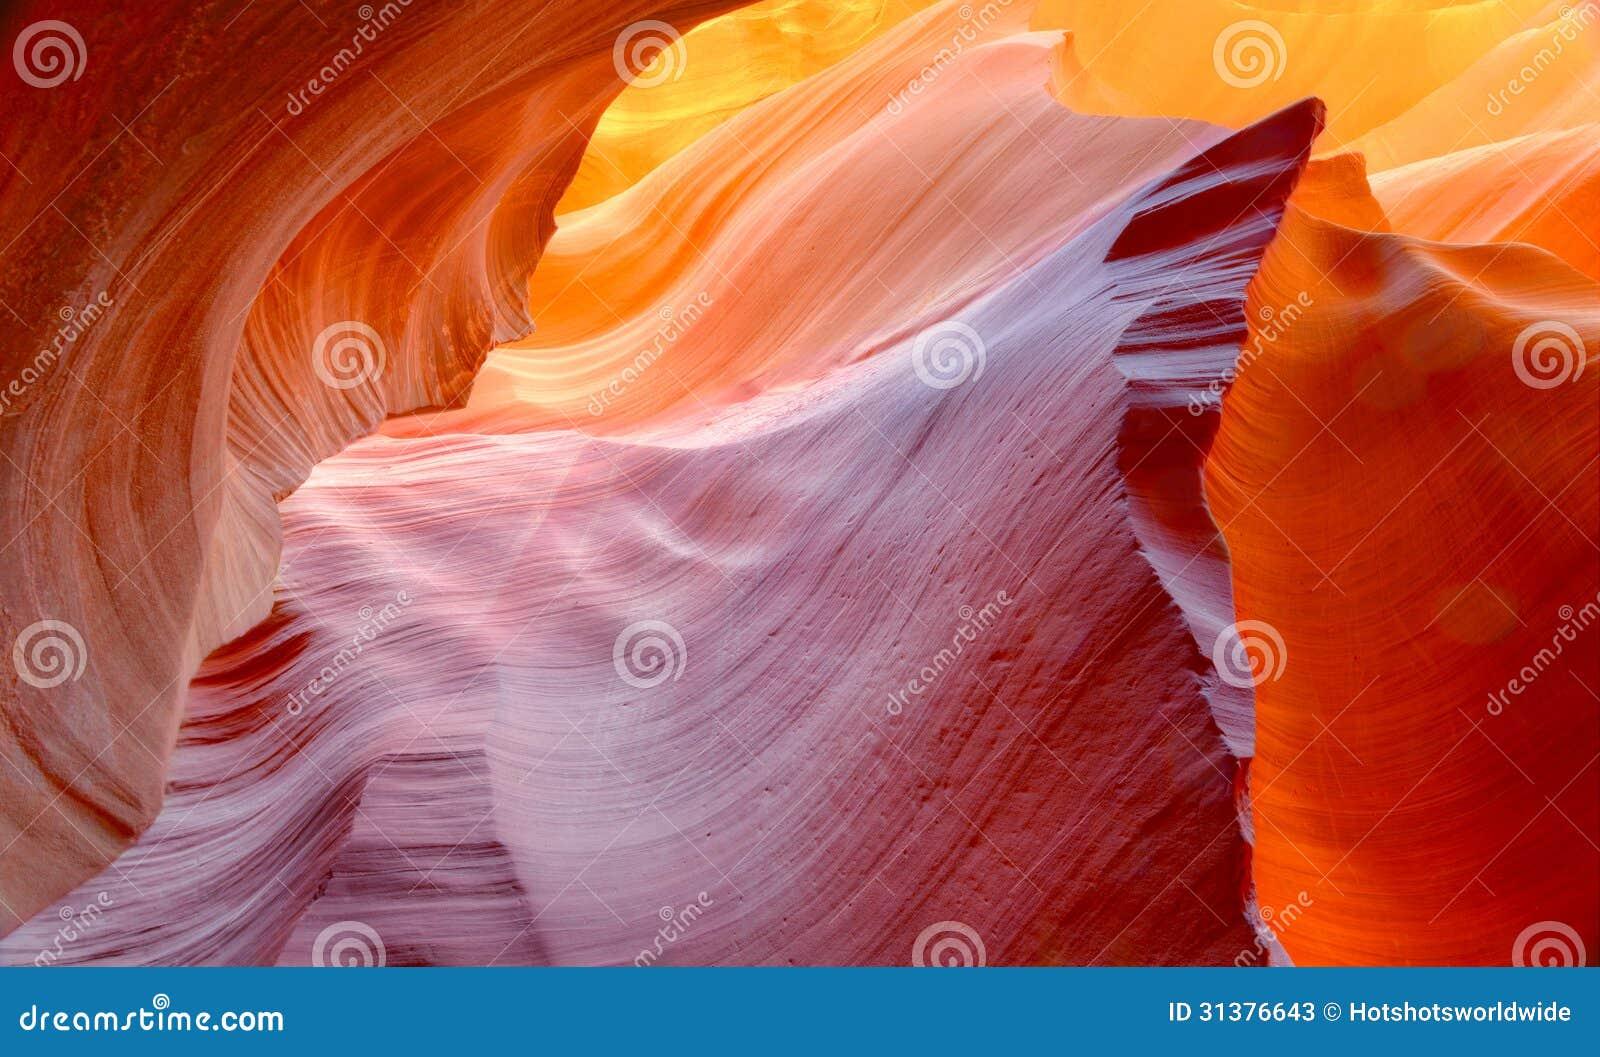 Δονούμενα χρώματα του διαβρωμένου βράχου ψαμμίτη στο φαράγγι αυλακώσεων, αντιλόπη